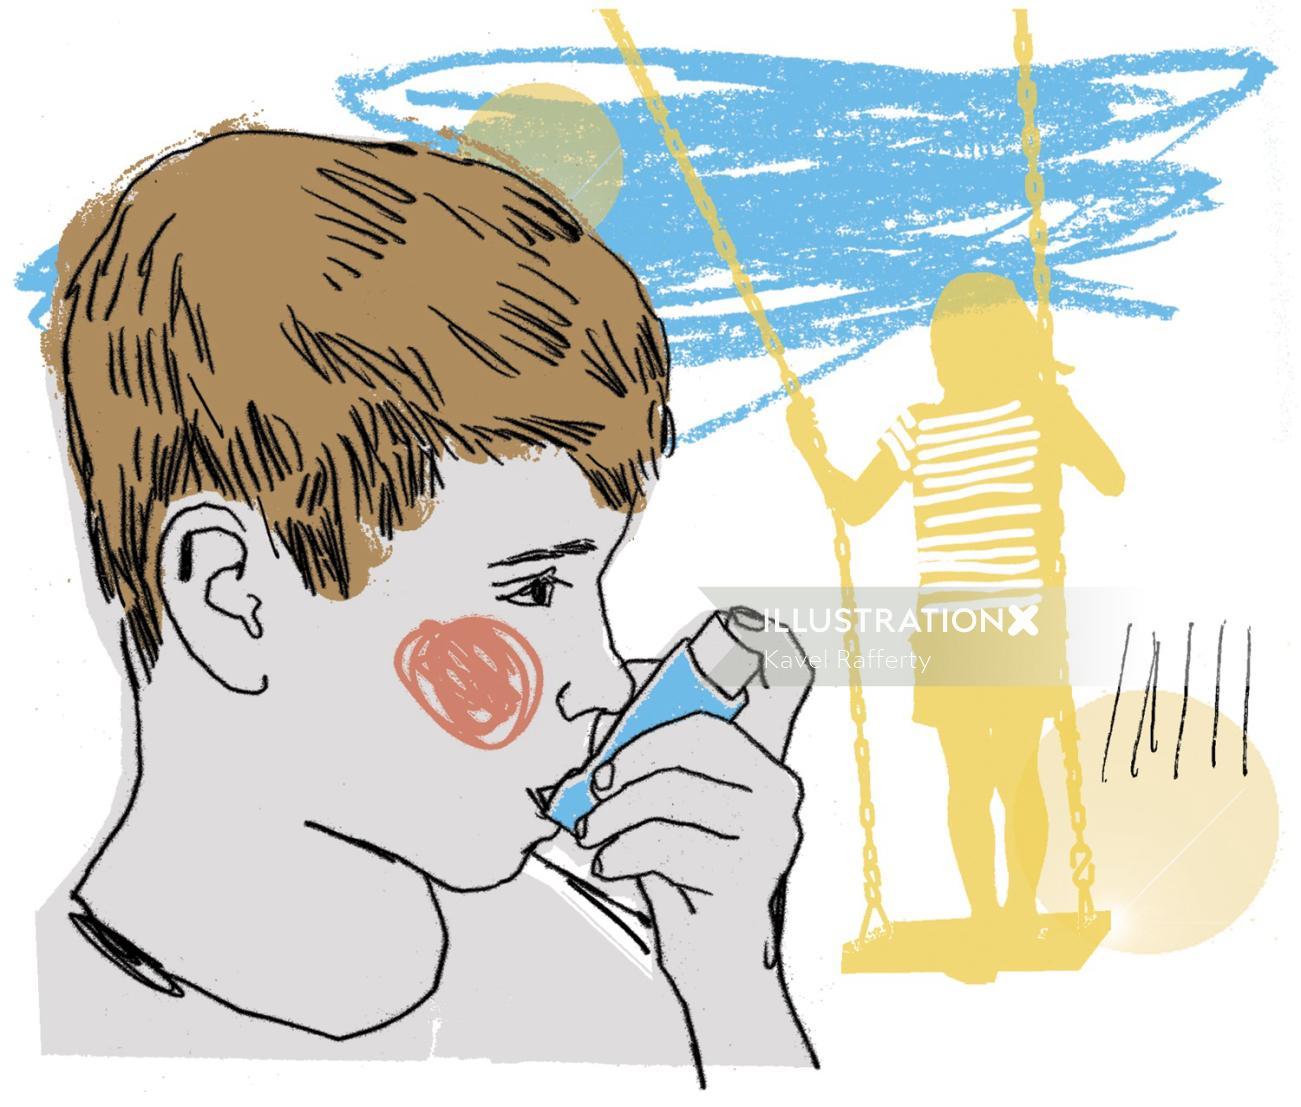 Breath Easy Children asthma graphic